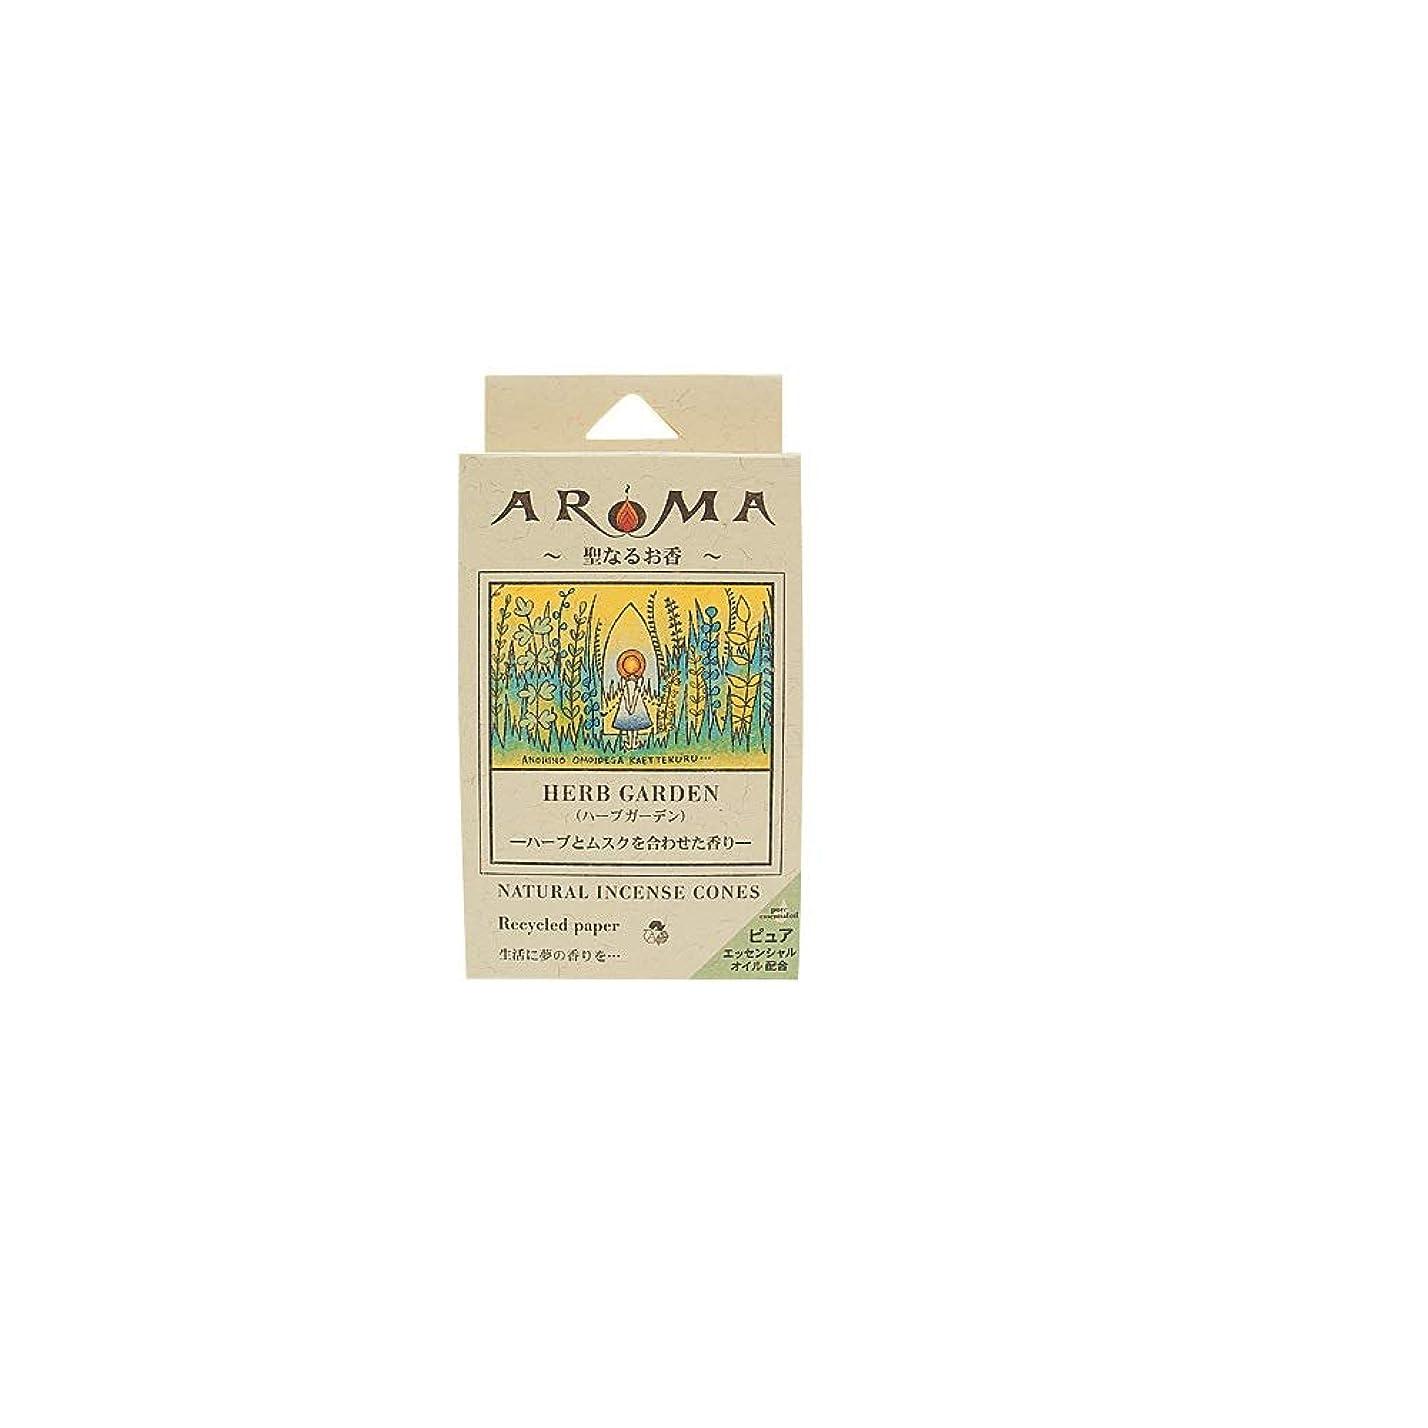 宅配便本質的に戻るアロマ香 ハーブガーデン 16粒(コーンタイプインセンス 1粒の燃焼時間約20分 ハーブとムスクの香り)